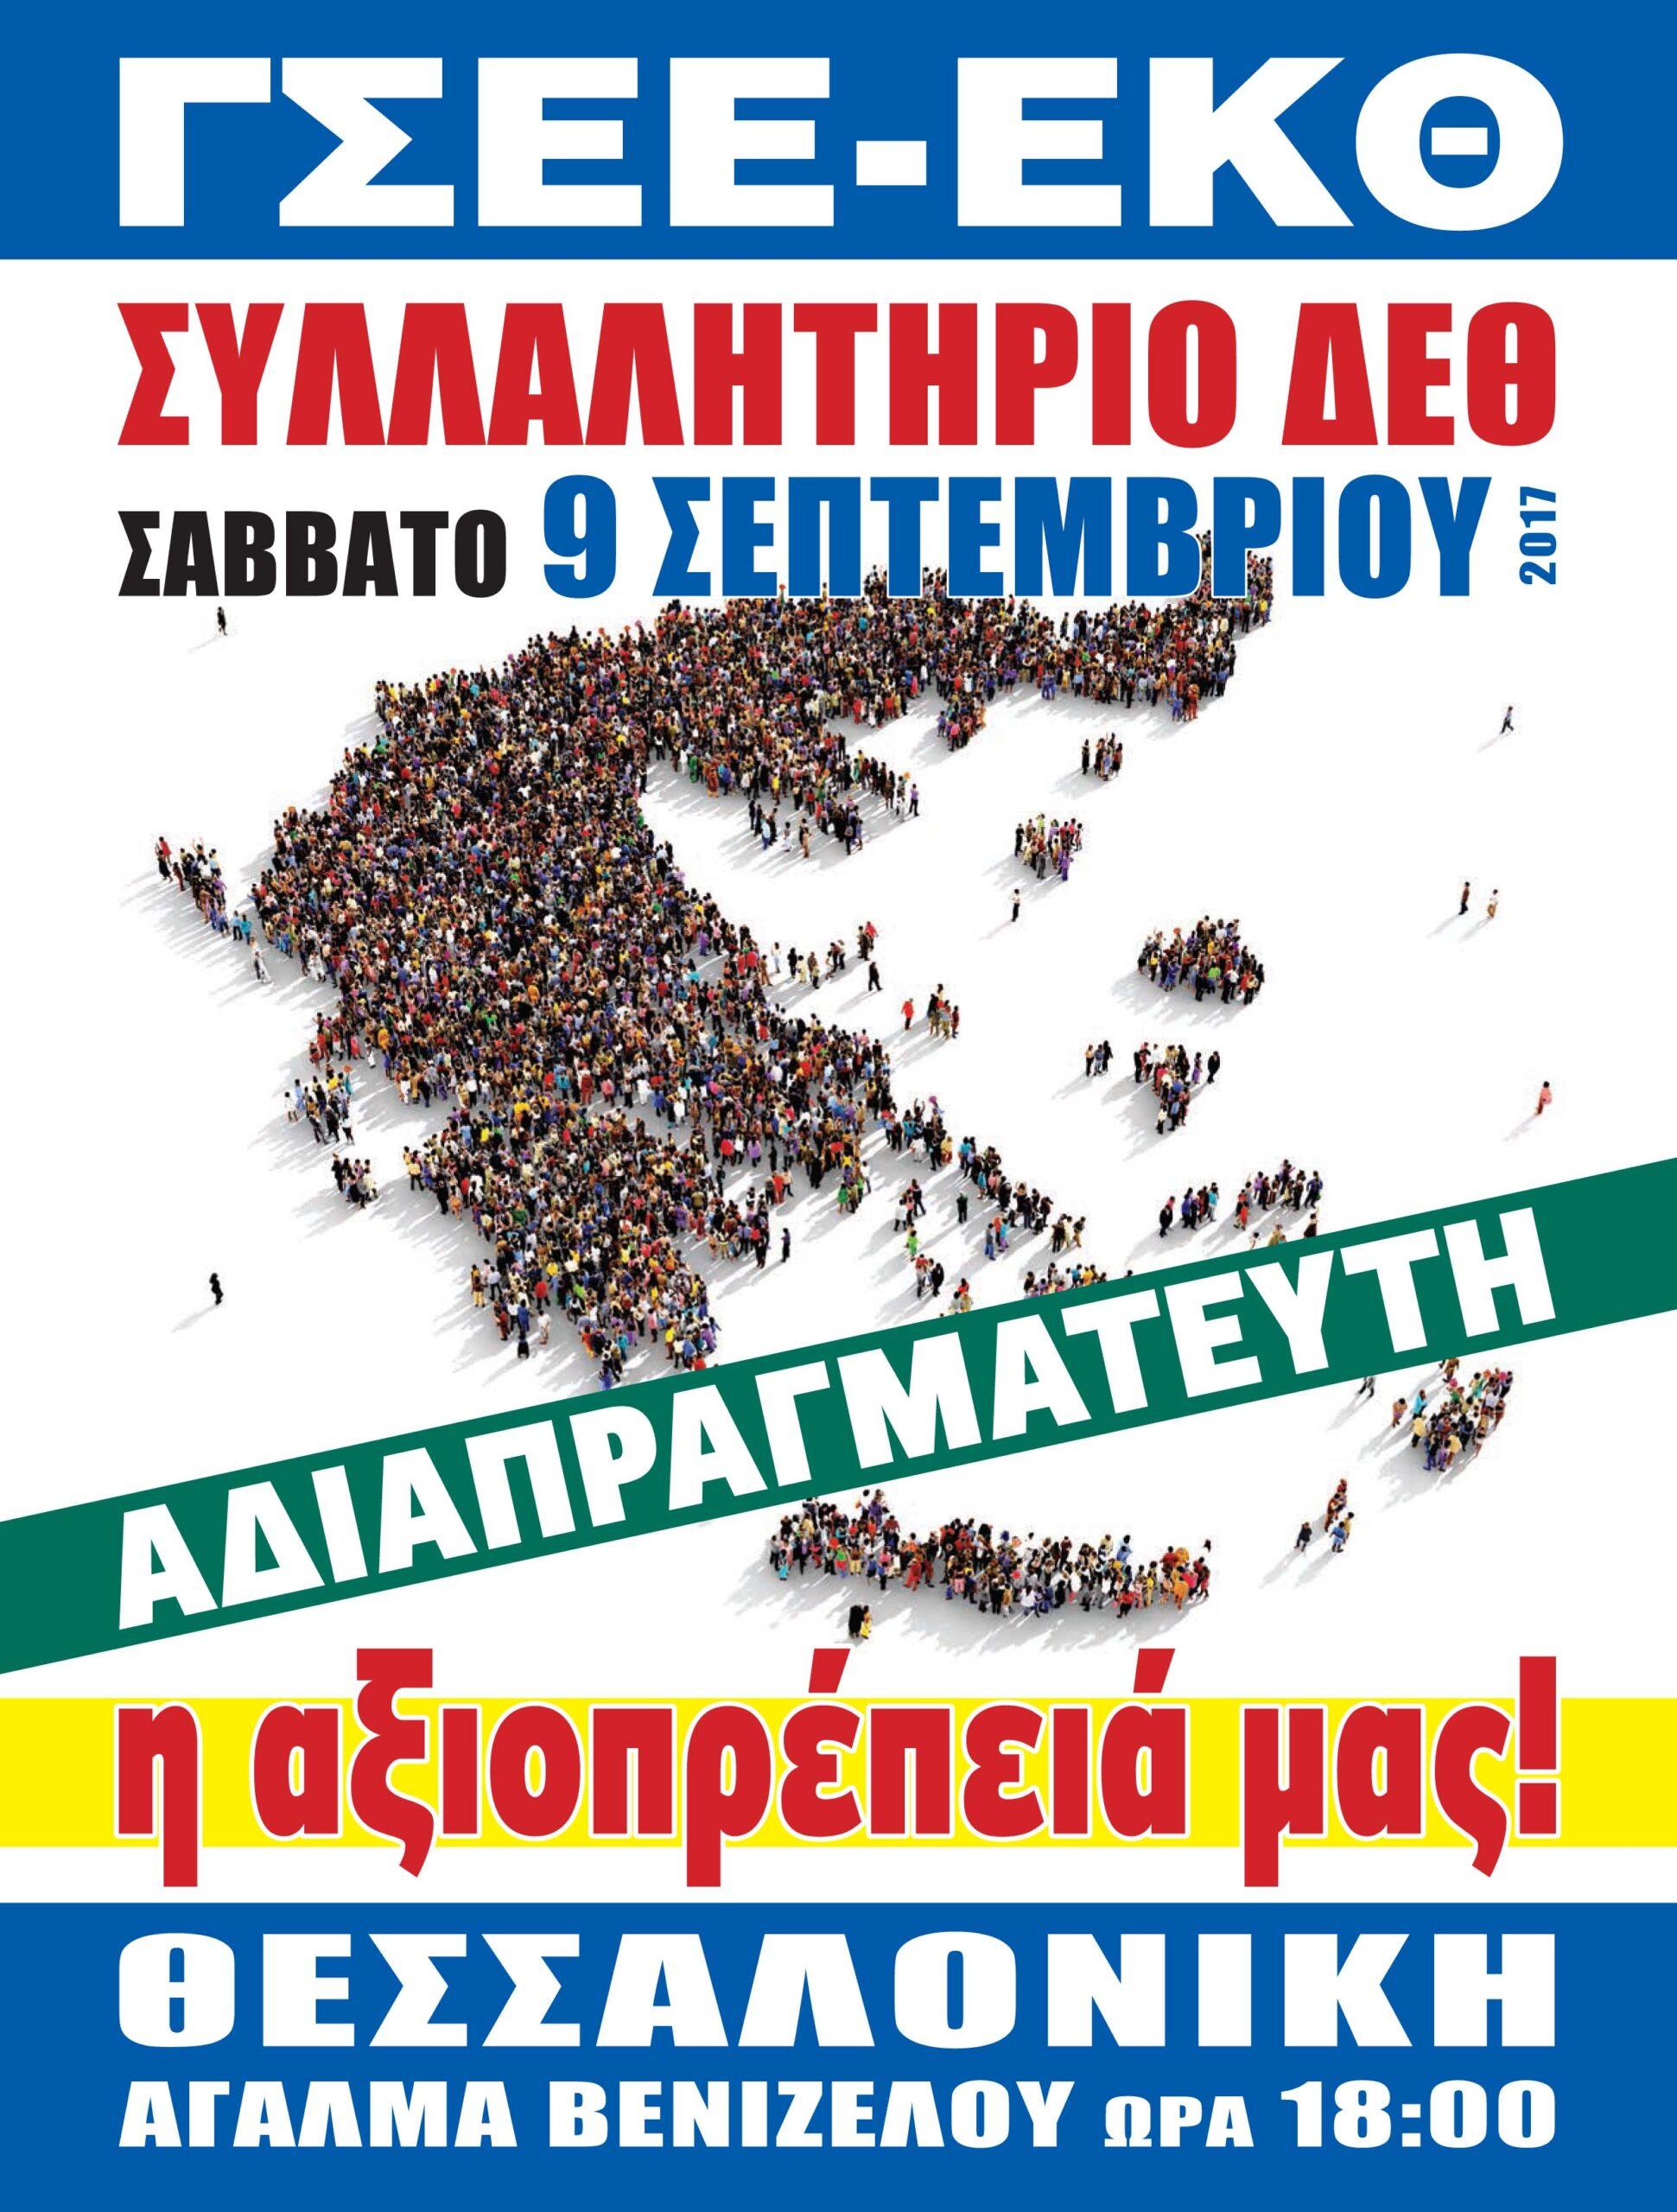 Πρόγραμμα εκδηλώσεων Ε.Κ.Θ. – Συλλαλητήριο ΔΕΘ 9/9/2017